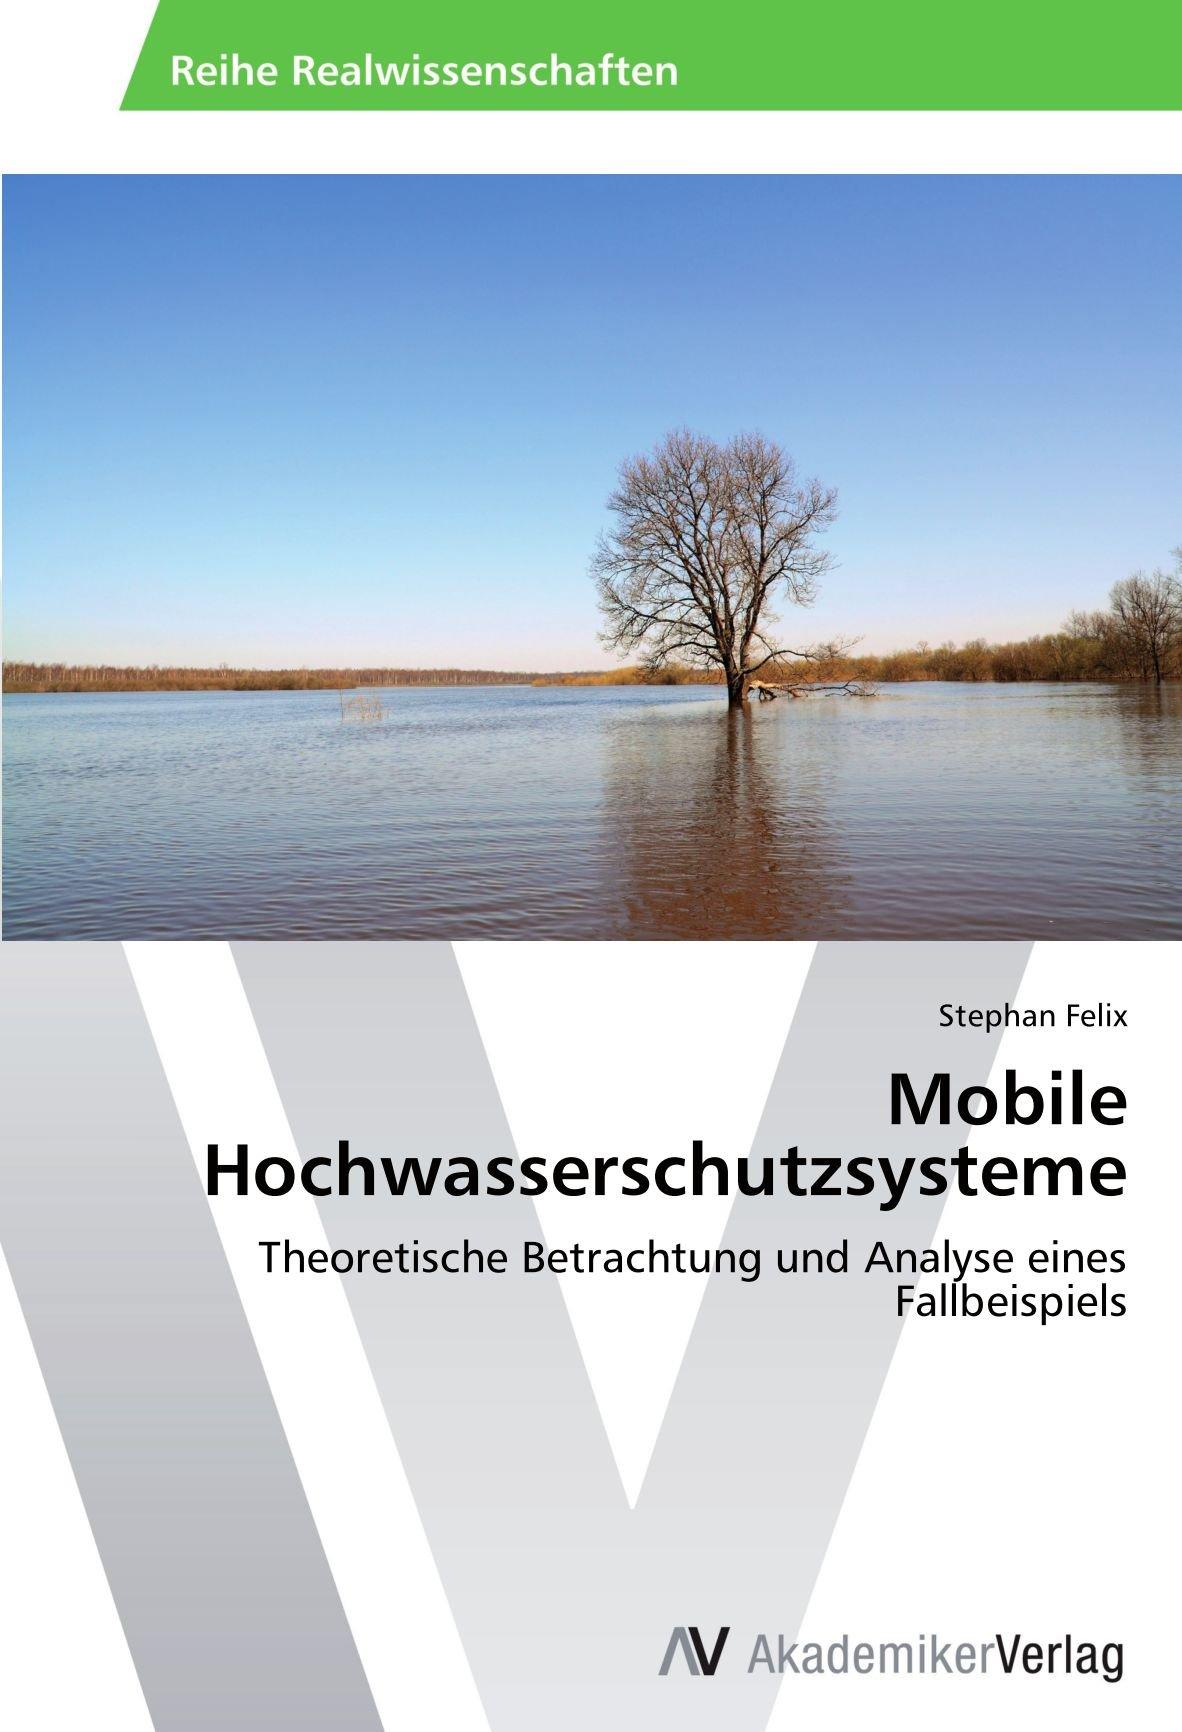 Mobile Hochwasserschutzsysteme: Theoretische Betrachtung und Analyse eines Fallbeispiels (German Edition) pdf